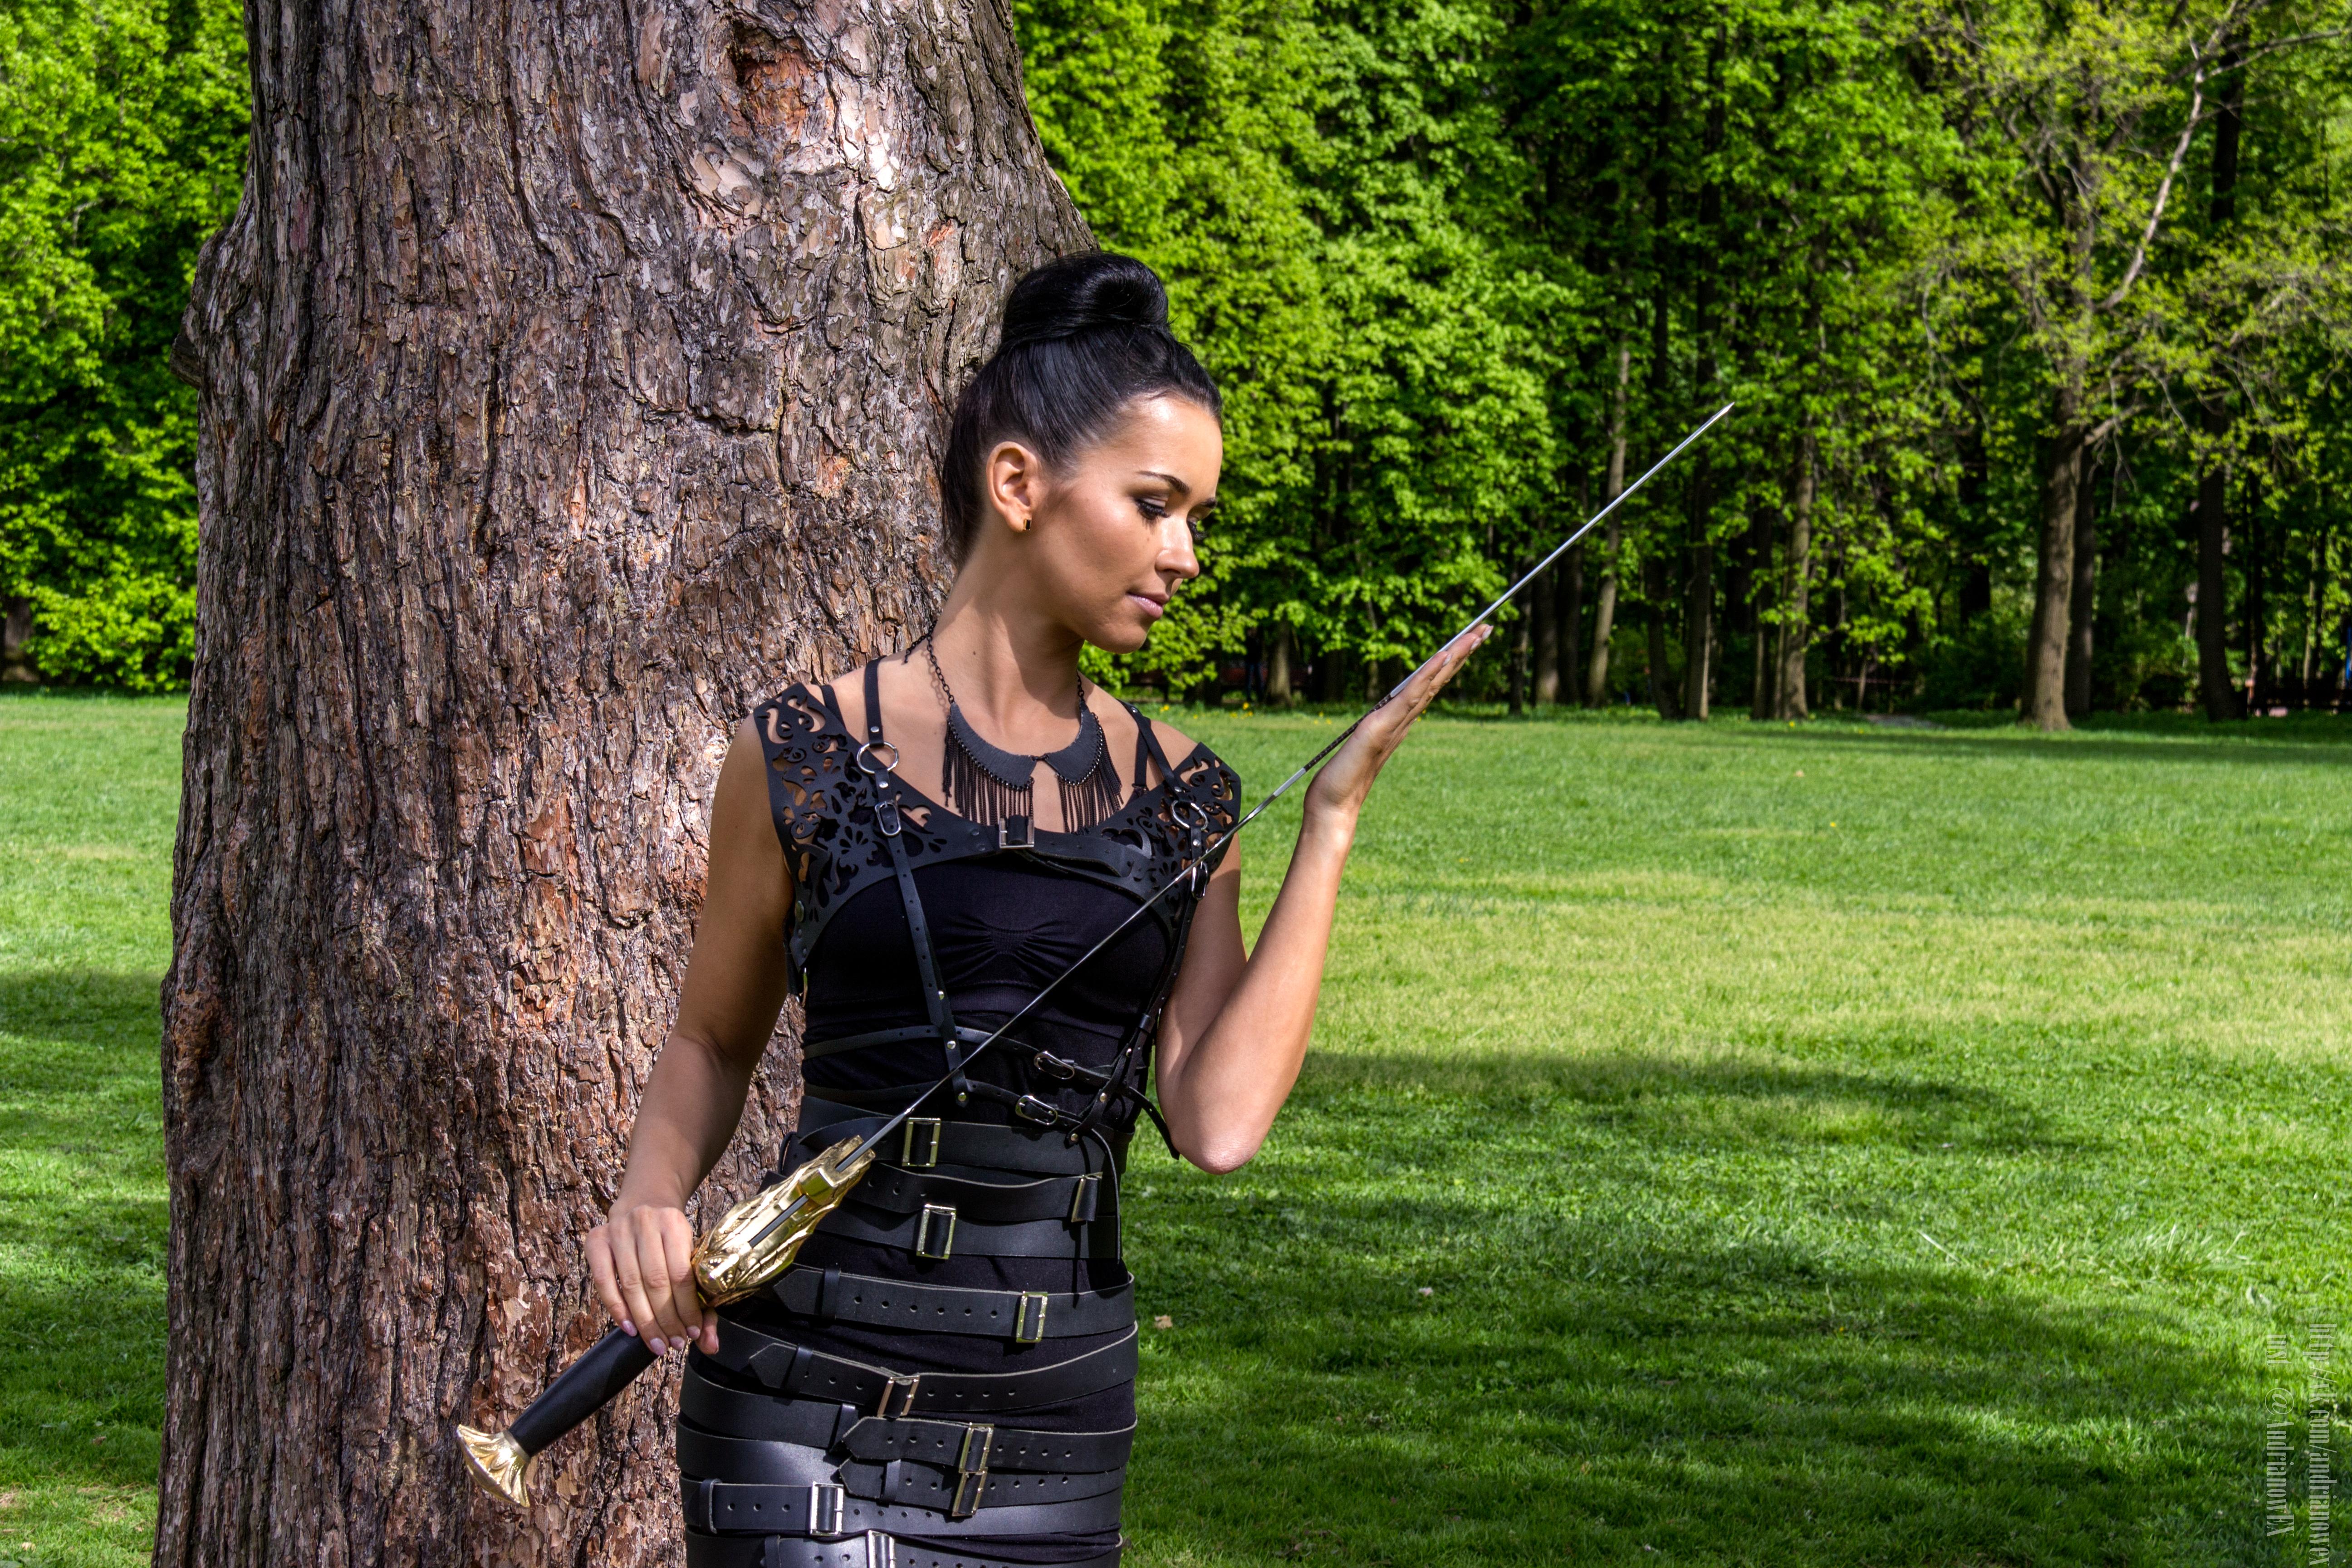 Любовь к оружию редкость у девушек.